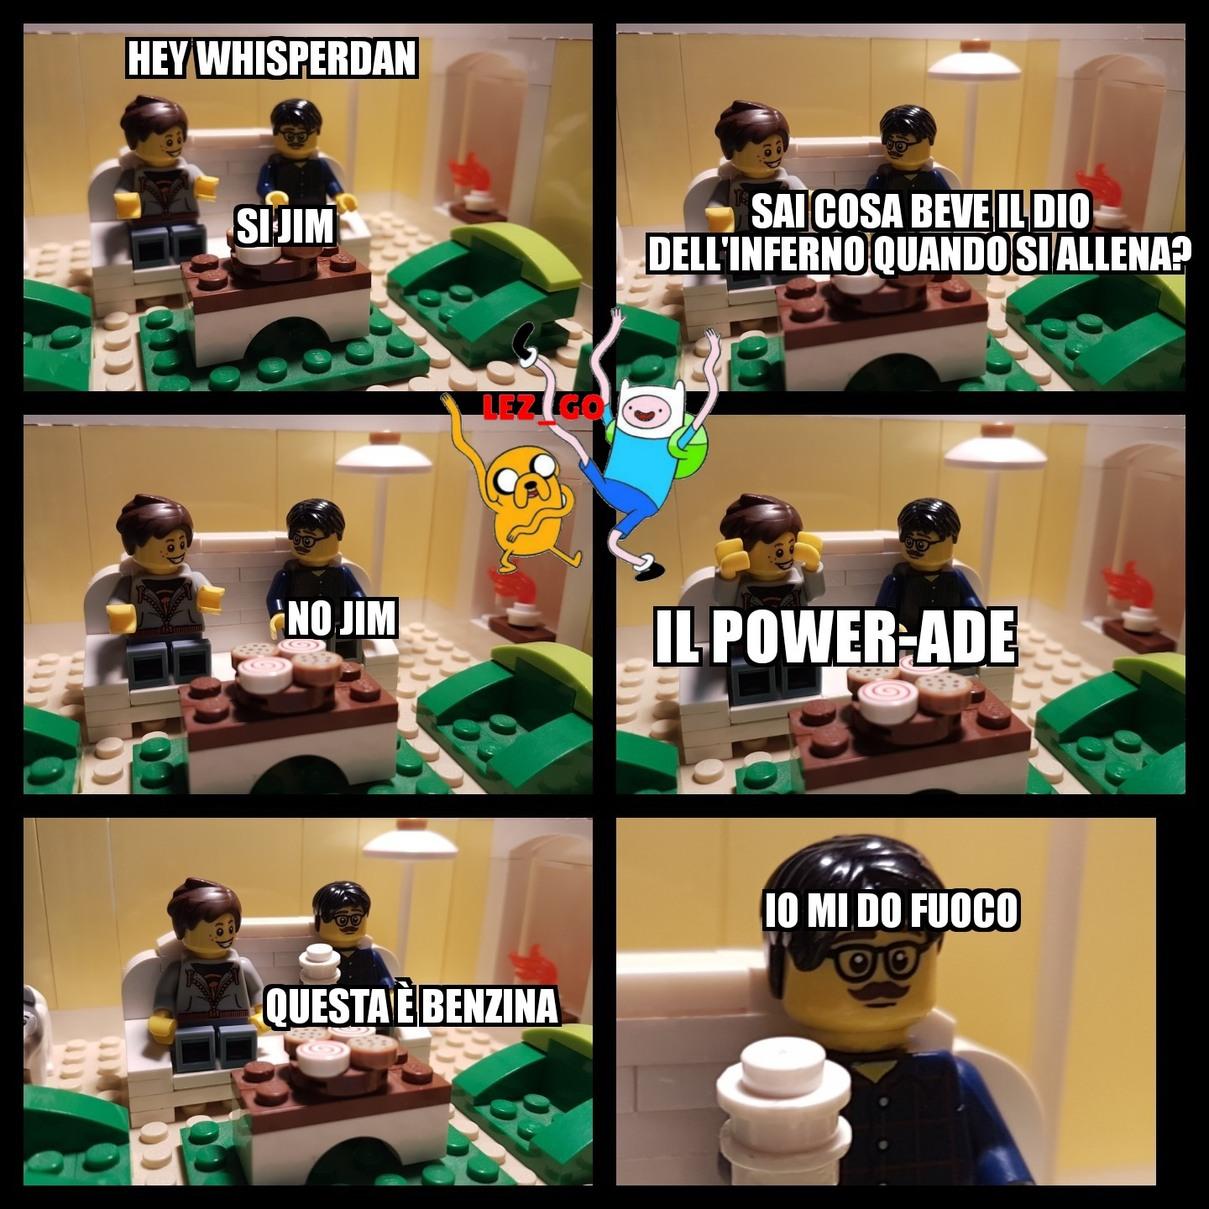 Powerade Lego cito BiMbo TerrOriSta666,RainerGaming,Tre5.0,M1K1 e UnTrollSelvatico - meme